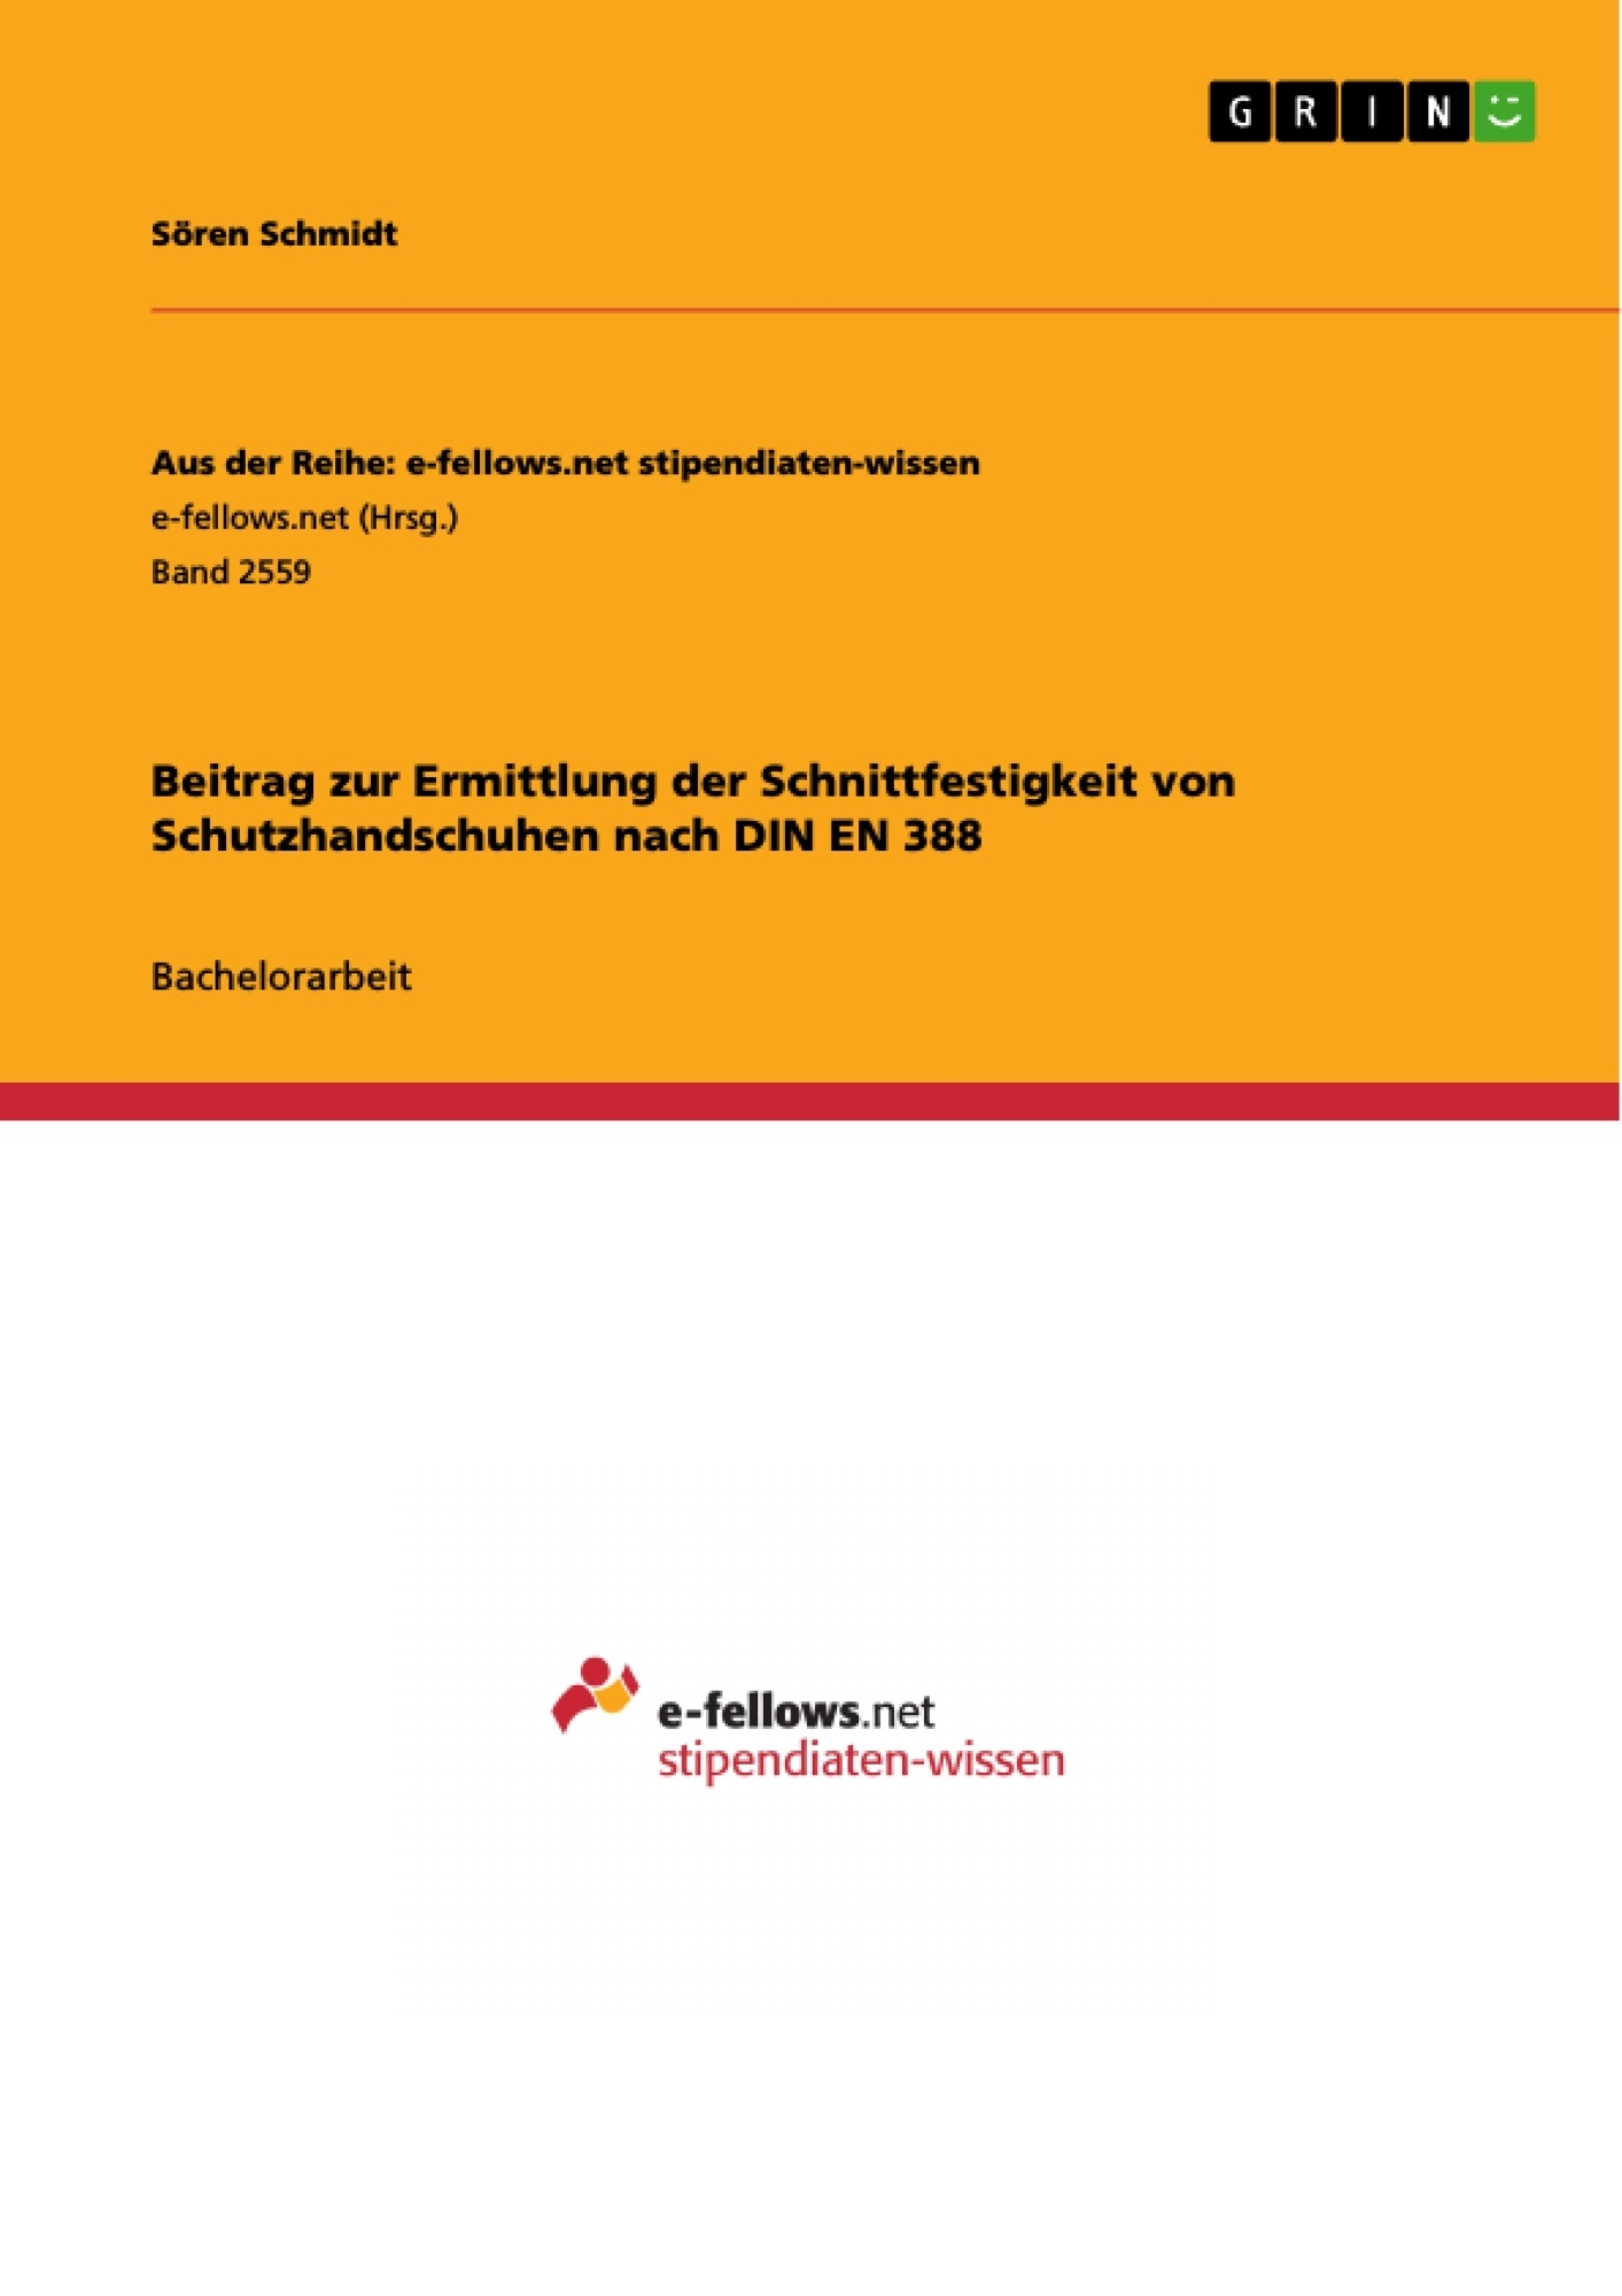 Titel: Beitrag zur Ermittlung der Schnittfestigkeit von Schutzhandschuhen nach DIN EN 388